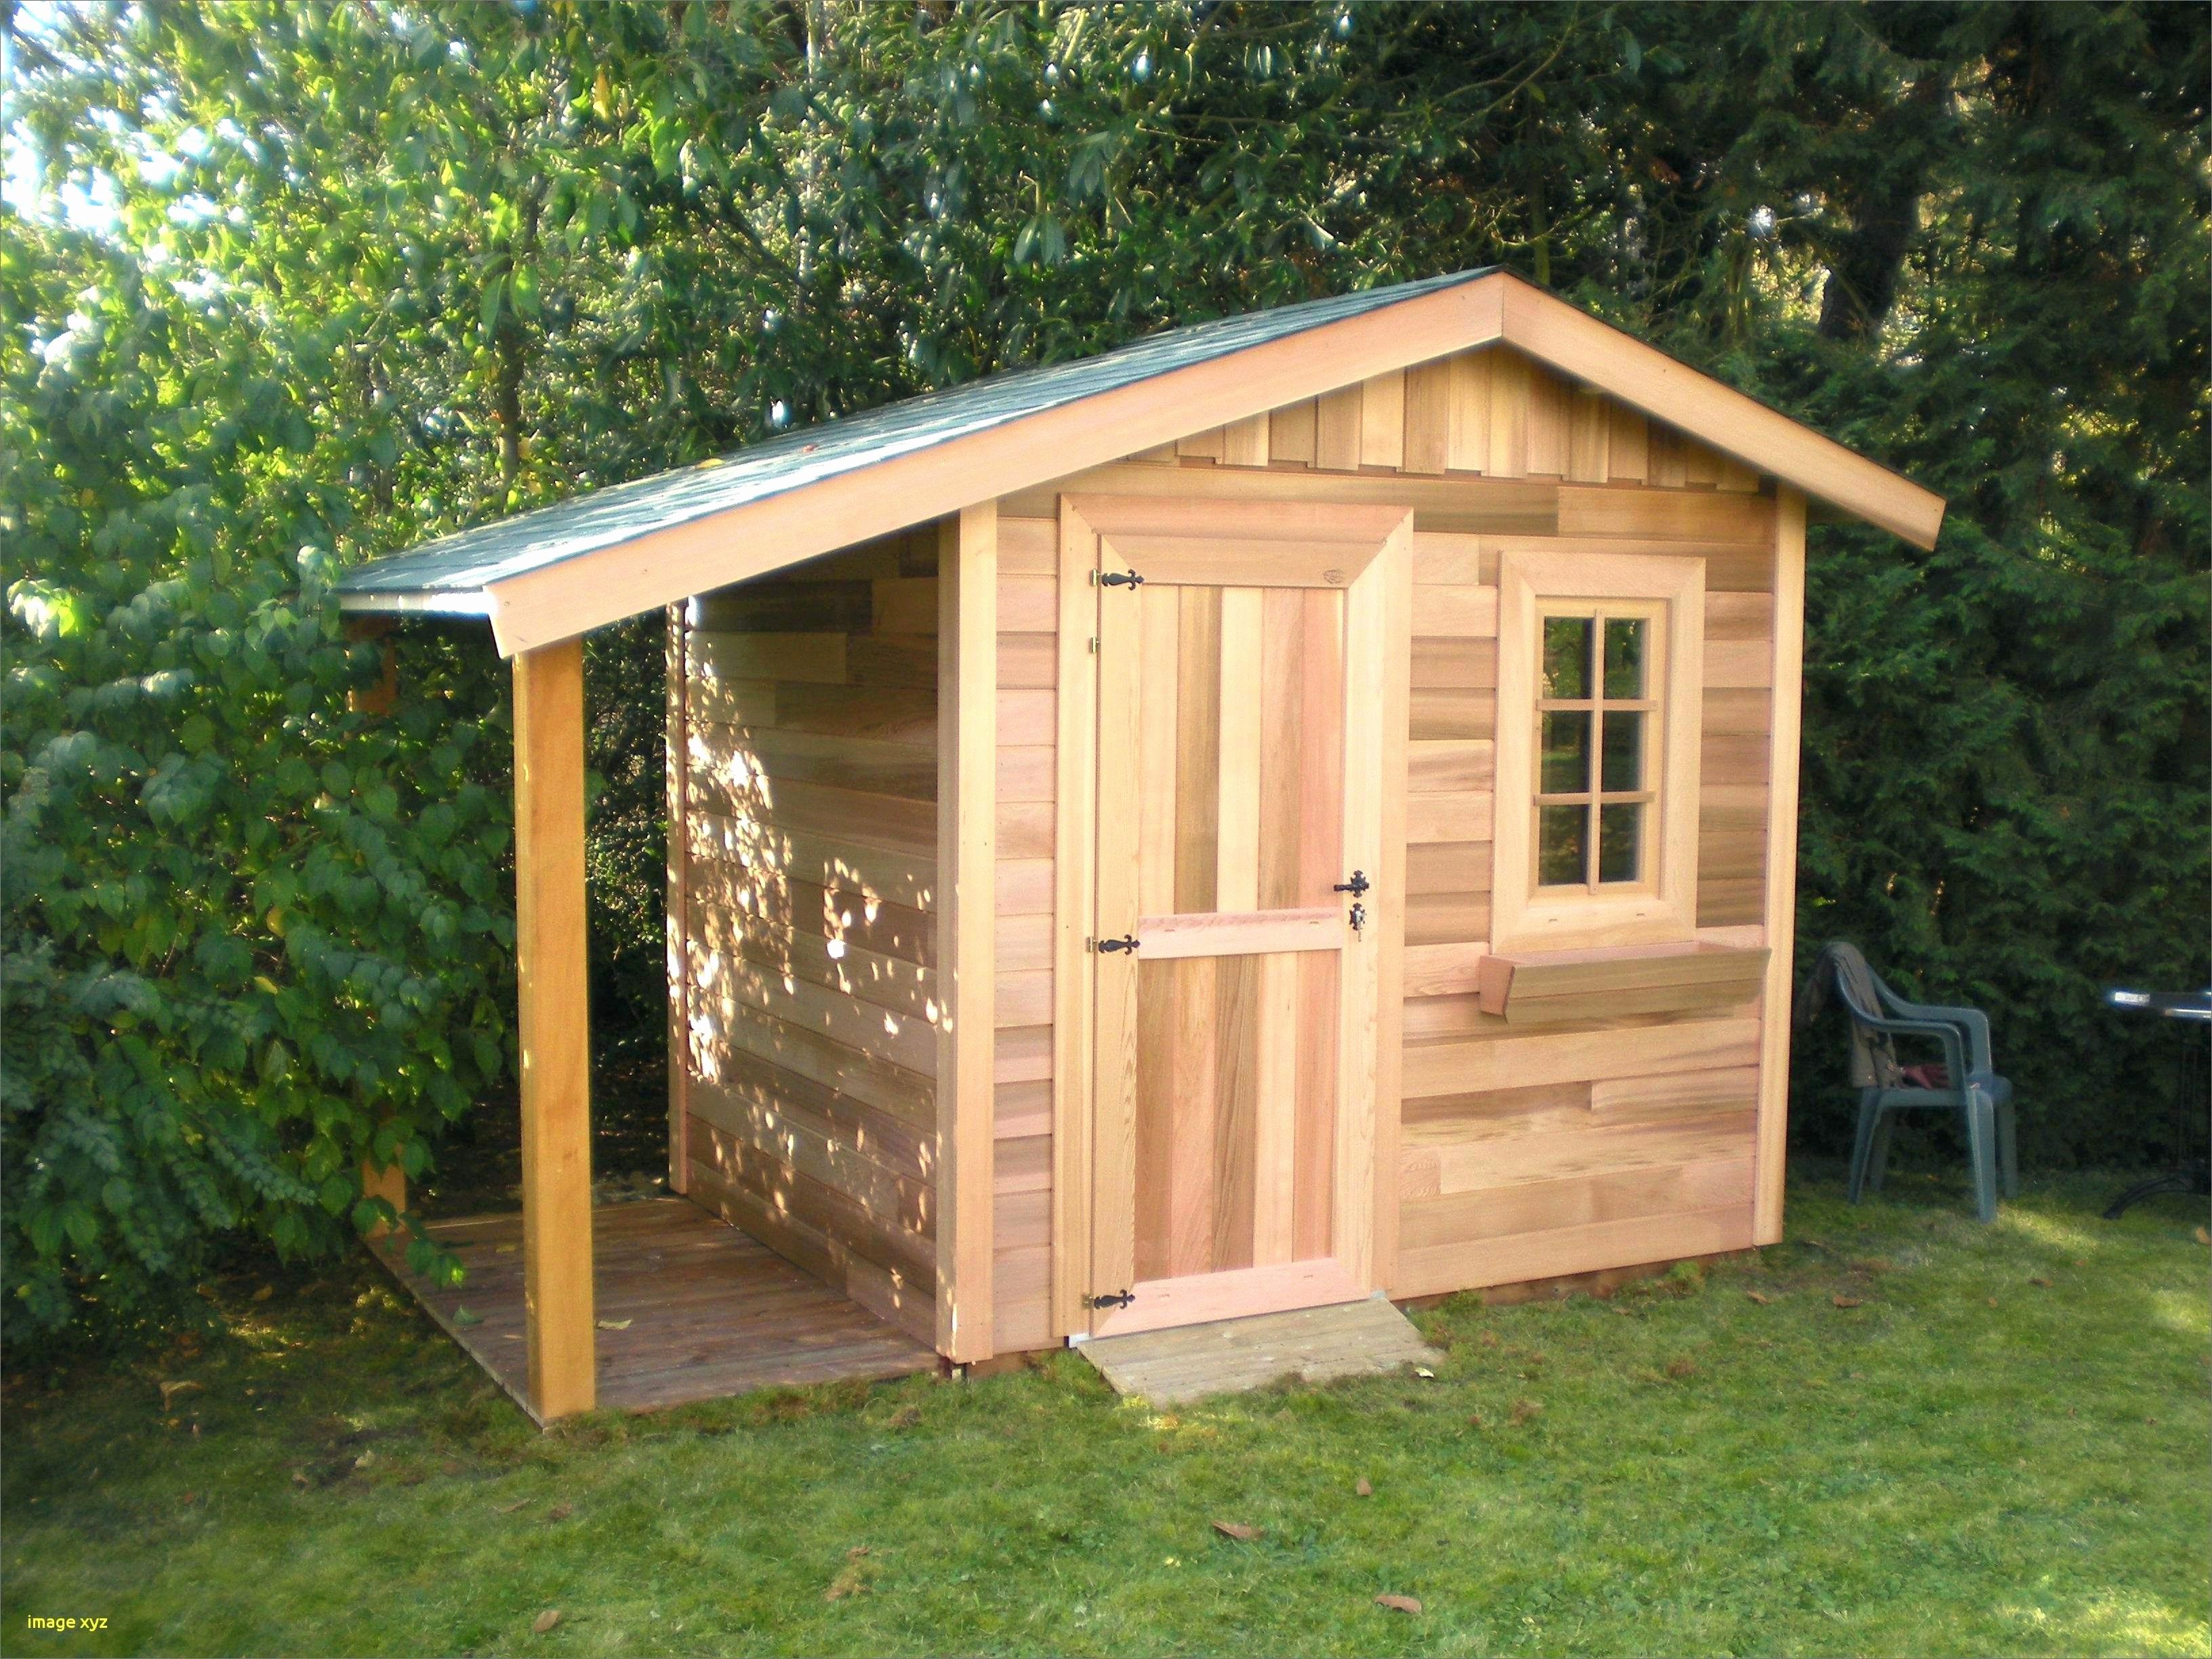 Nouveau Cabane De Jardin 10M2 - Luckytroll concernant Abri Jardin 10M2